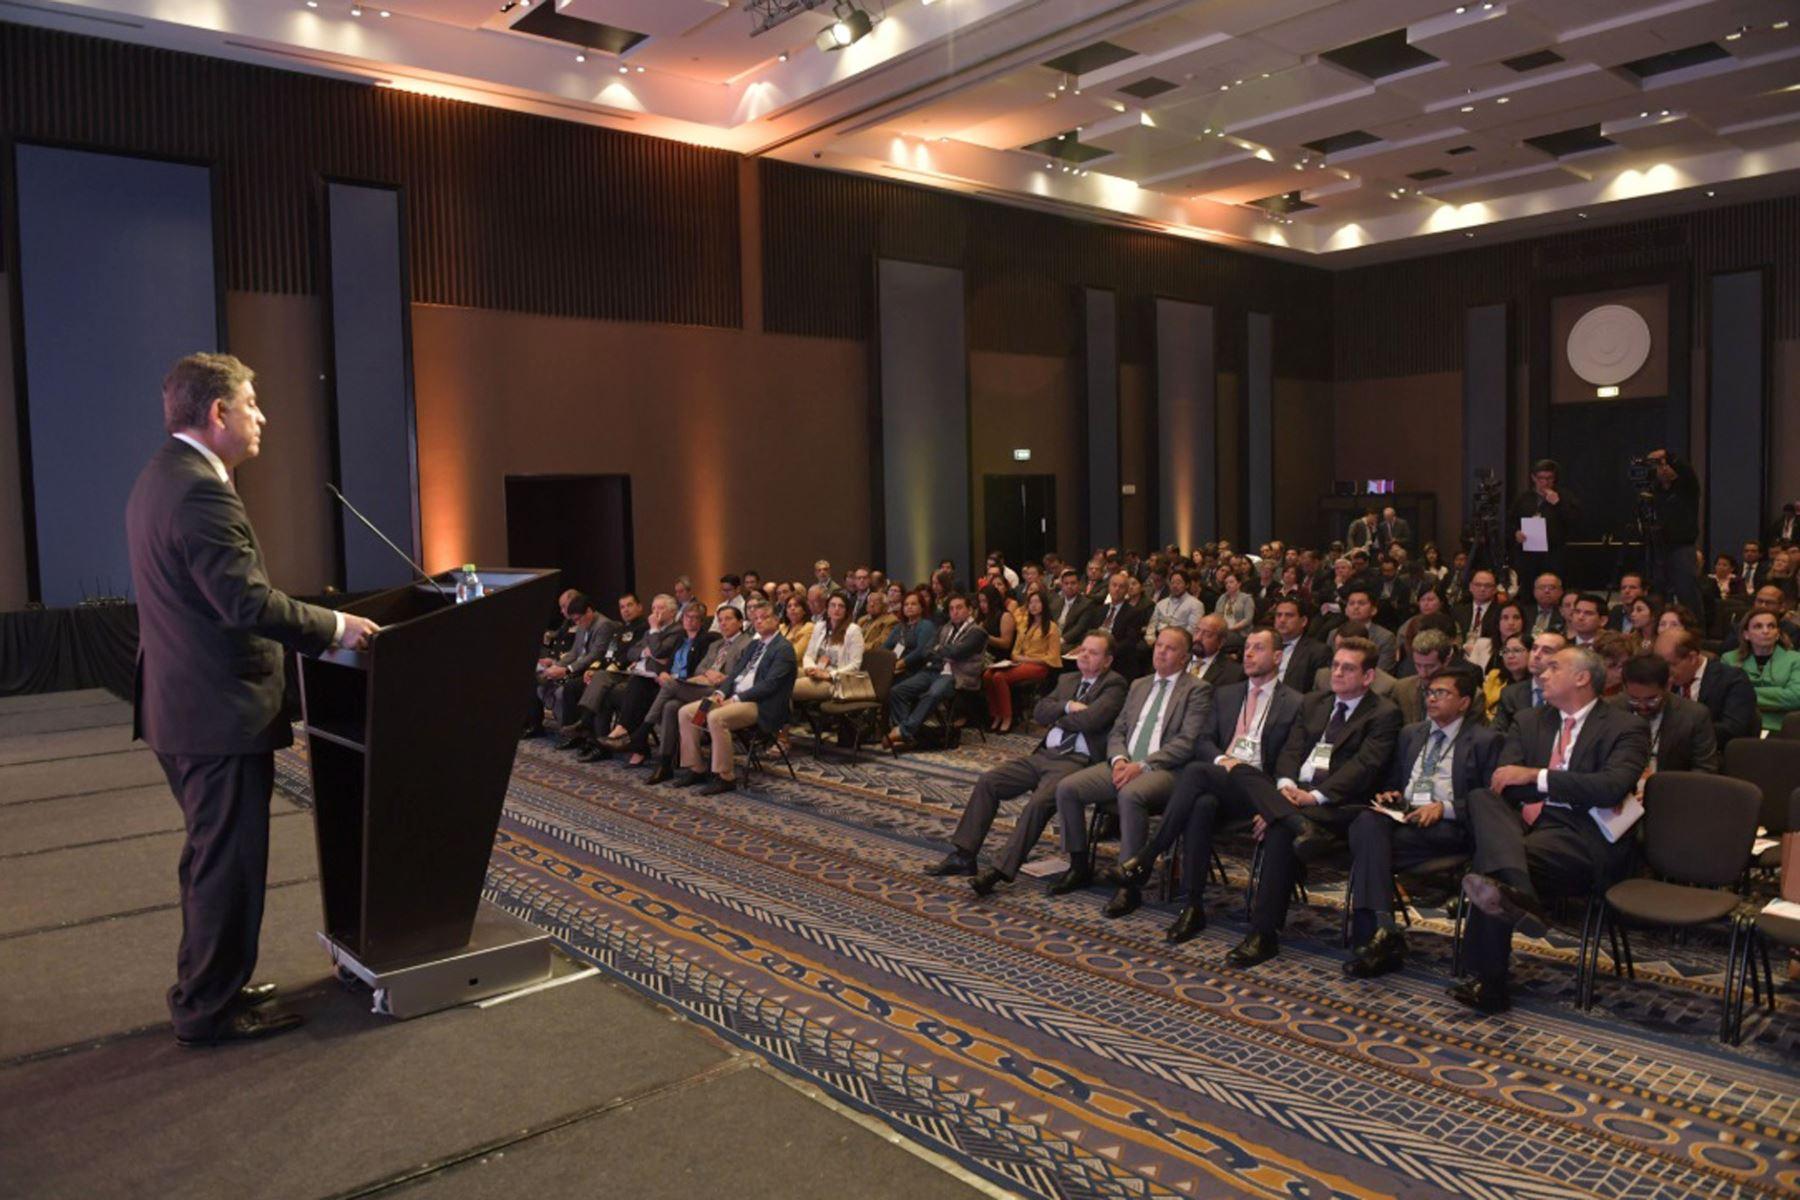 """Ministro de Relaciones Exteriores,Gustavo Meza-Cuadra, inaugura la conferencia : """" construyendo el Futuro Infraestructura y crecimiento en el Perú """". Foto: Cancillería del Perú"""